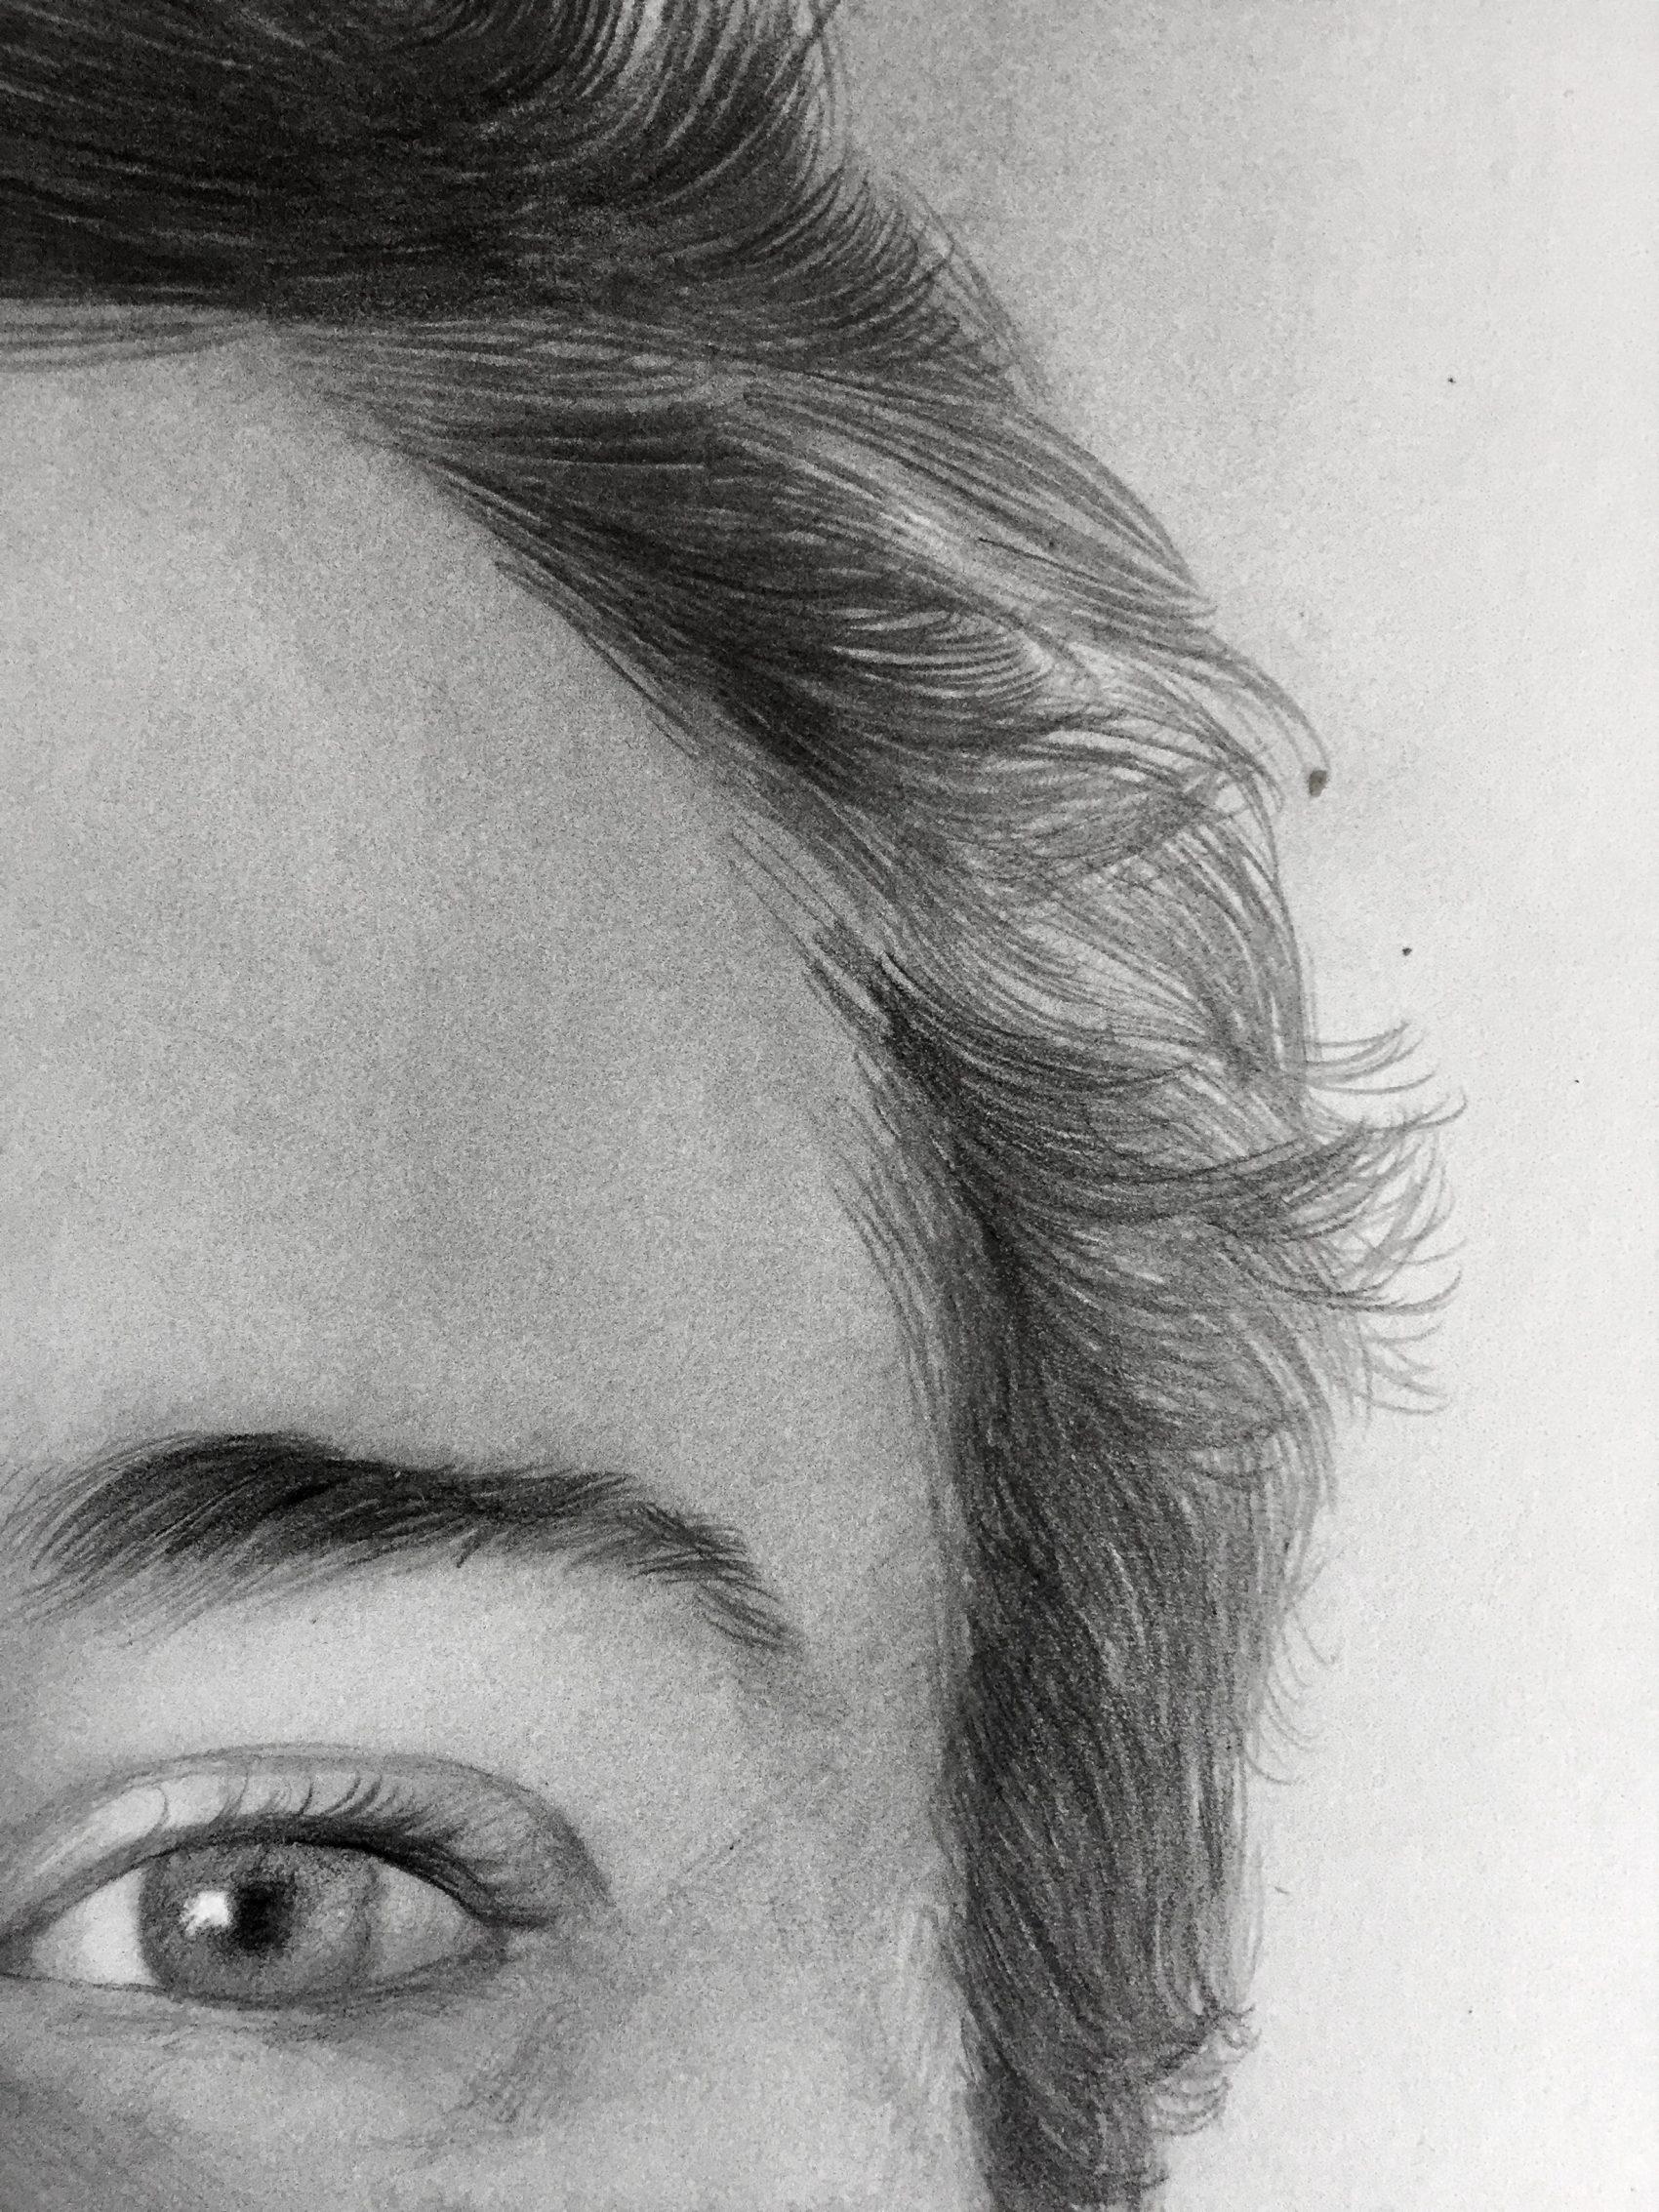 retratos-por-encargo-121-detalle-e1488842481968